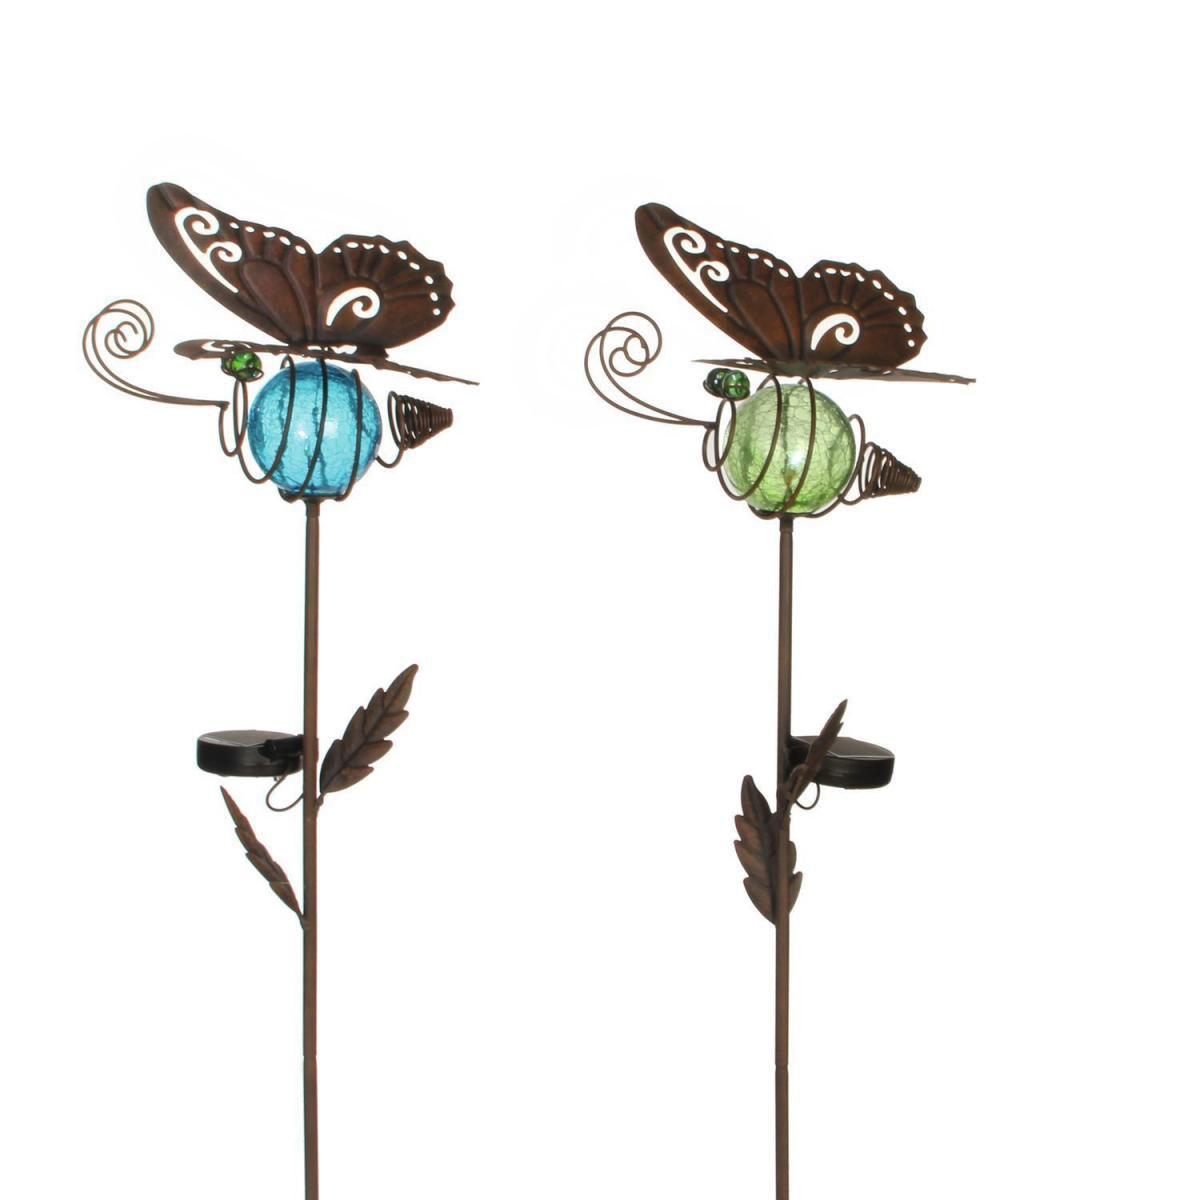 Solarleuchten - Solar Gartenstecker Schmetterling, verschiedene Farben  - Onlineshop Hellweg